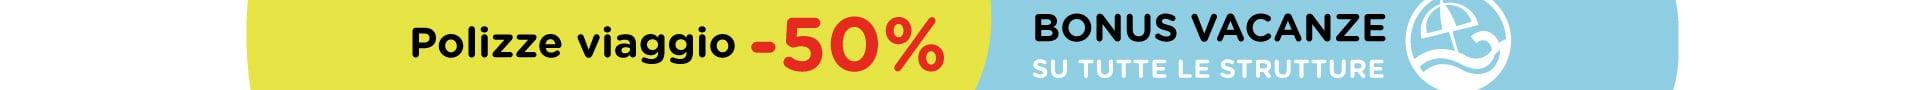 Assicurazione al 50%